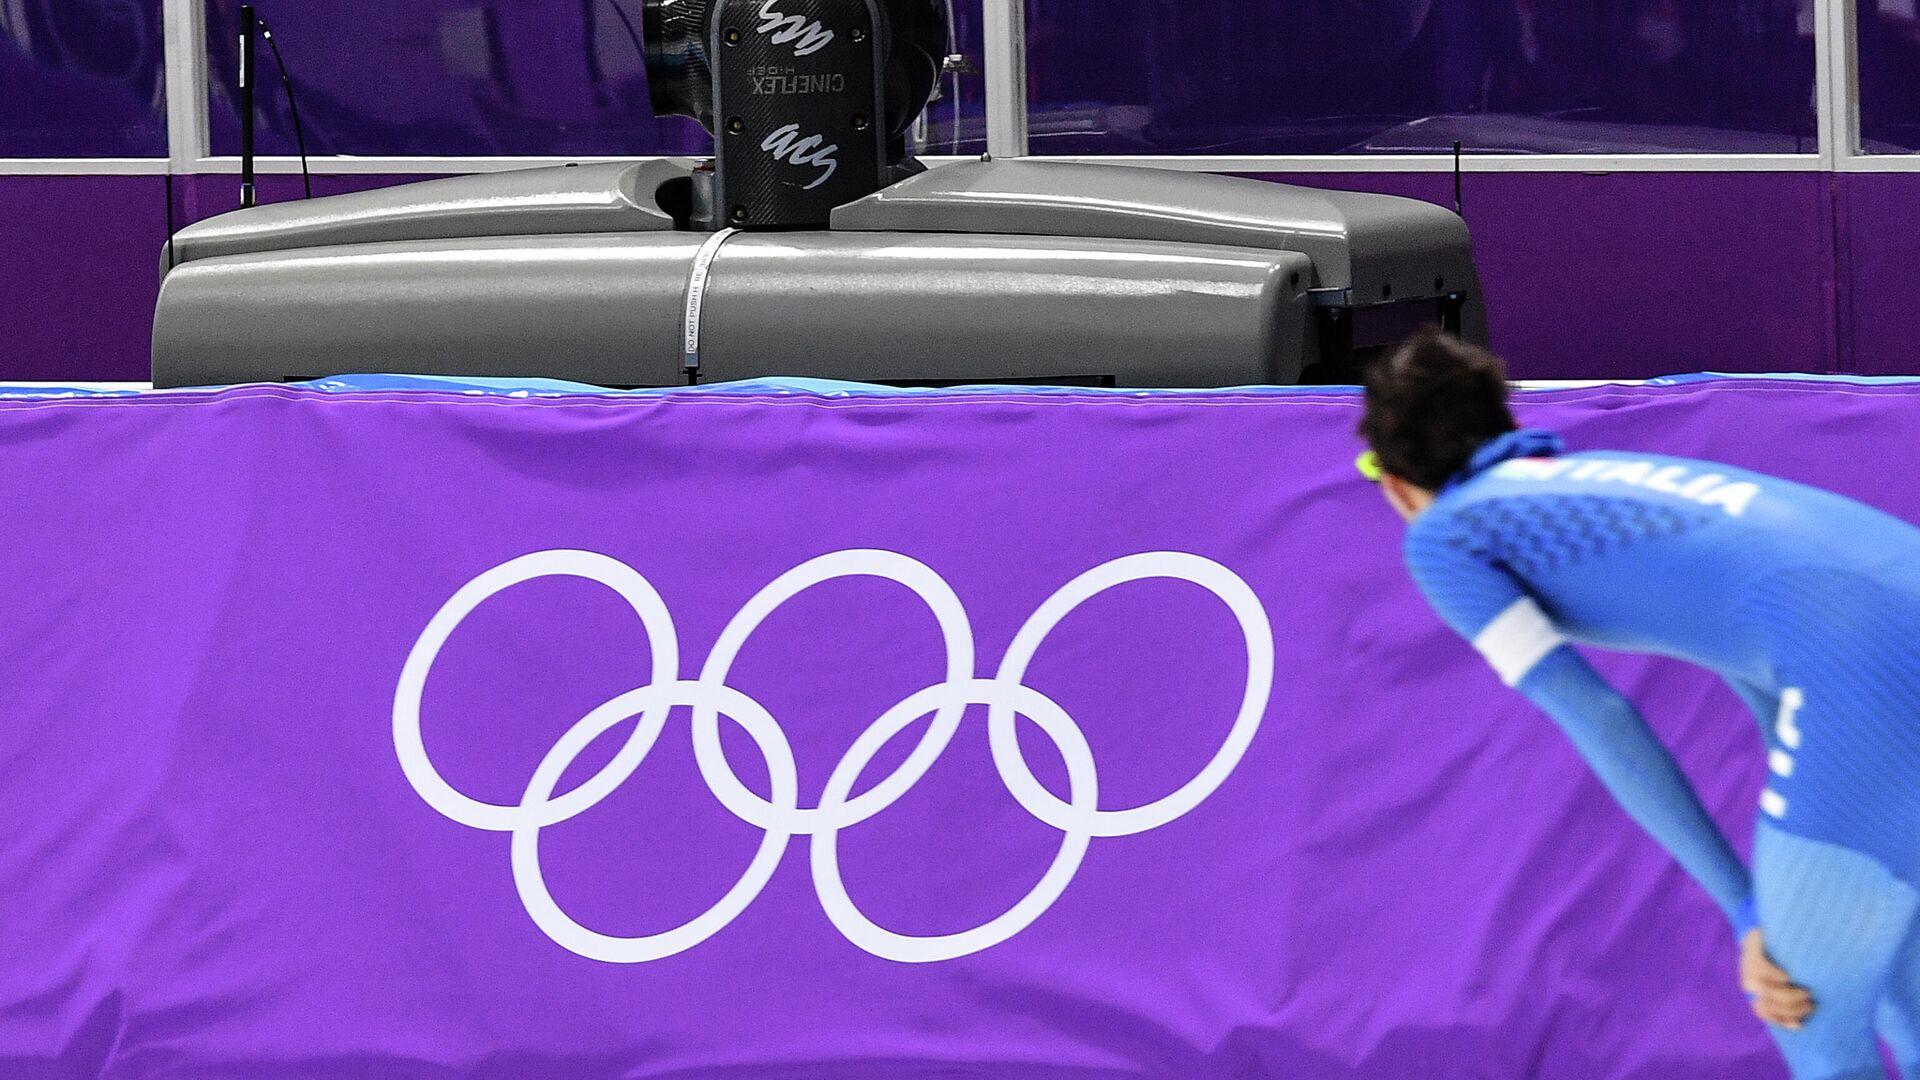 Ολυμπιακοί Αγώνες κάμερα - Sputnik Ελλάδα, 1920, 24.07.2021